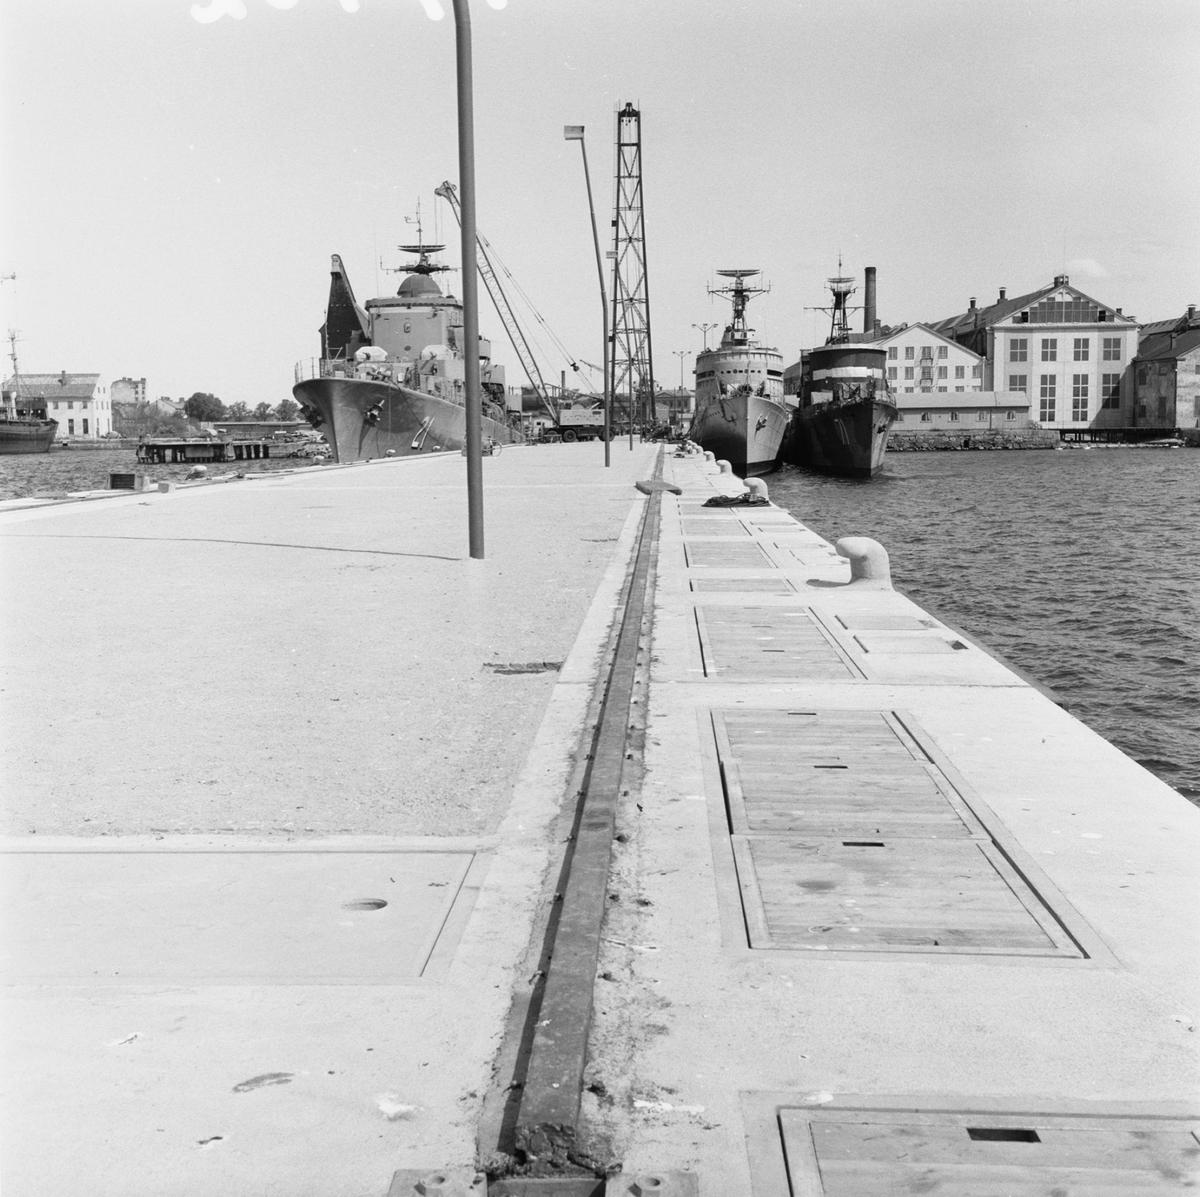 Övrigt: Fotodatum:23/5 1959 Byggnader och Kranar. Nya utrustningspiren (färdig) Närmast identisk bild: V16581, ej skannad